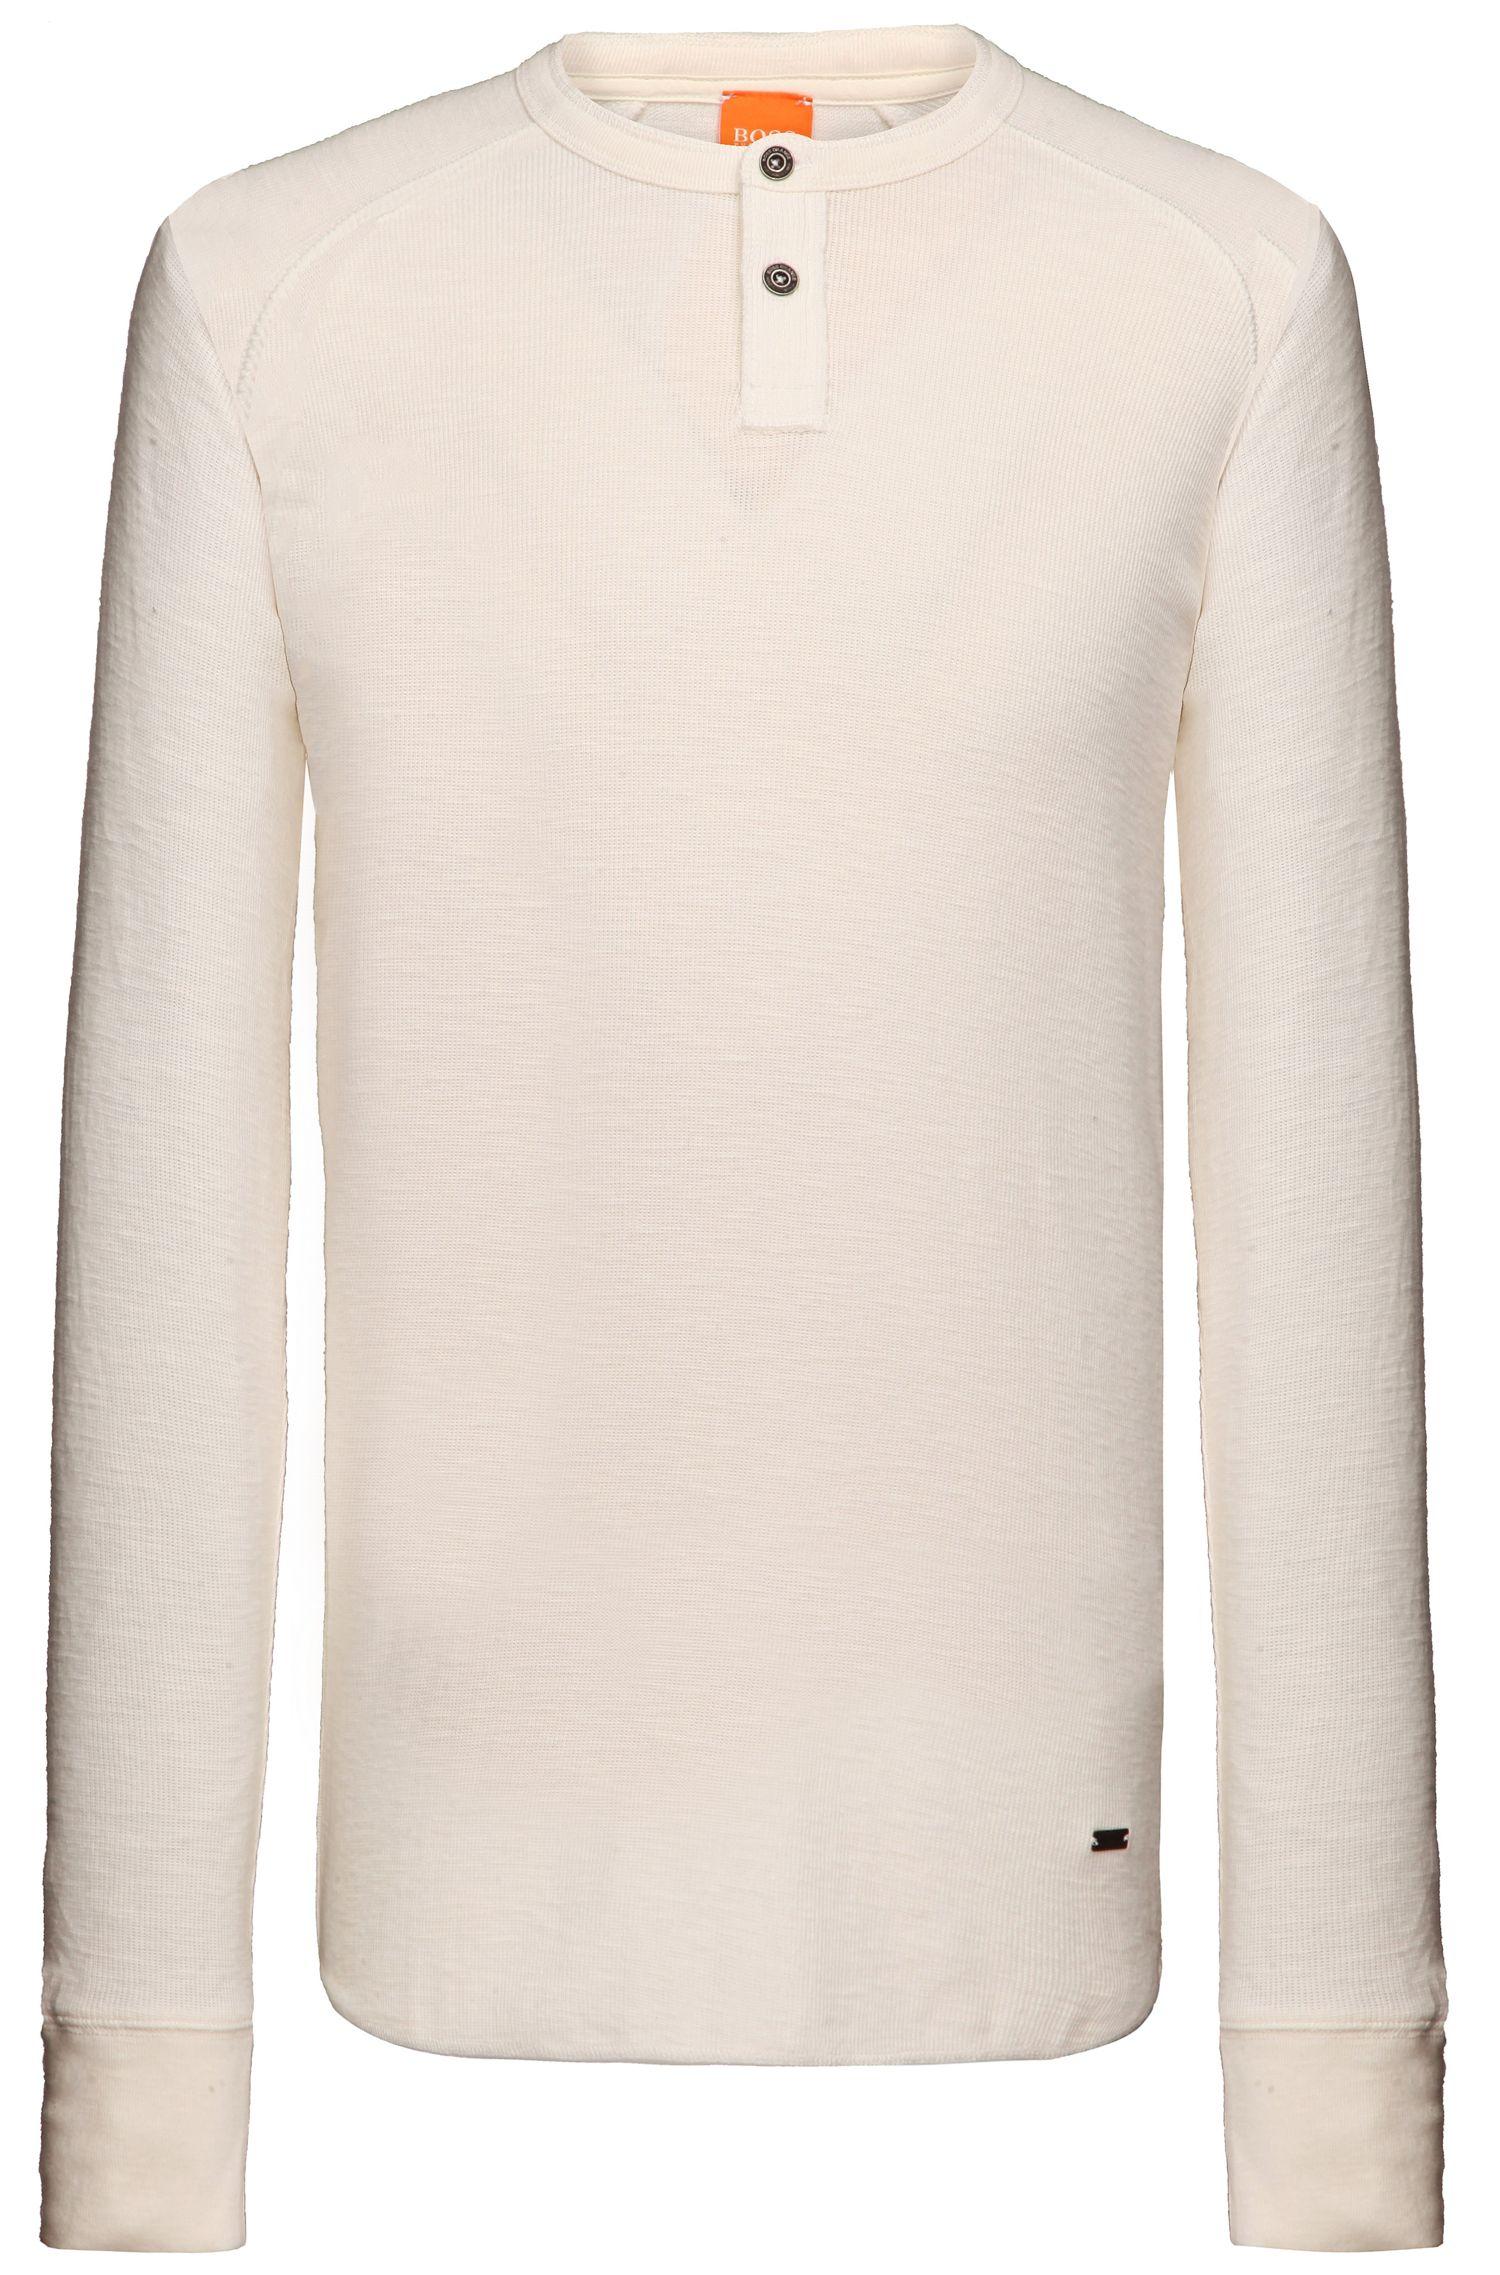 Cotton long-sleeve shirt 'Trucker 1'